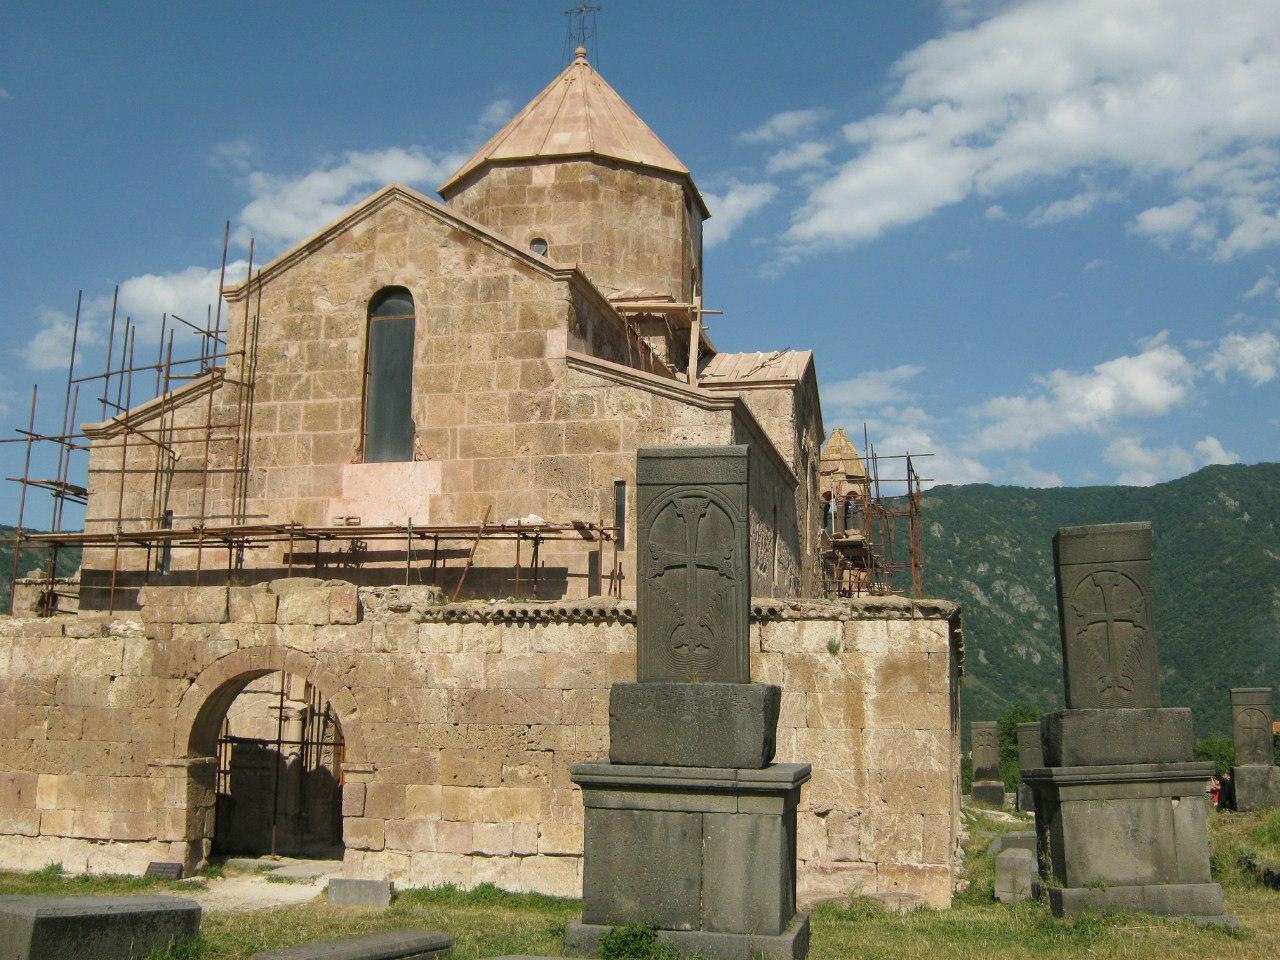 Церковь Одзун, древние хачкары